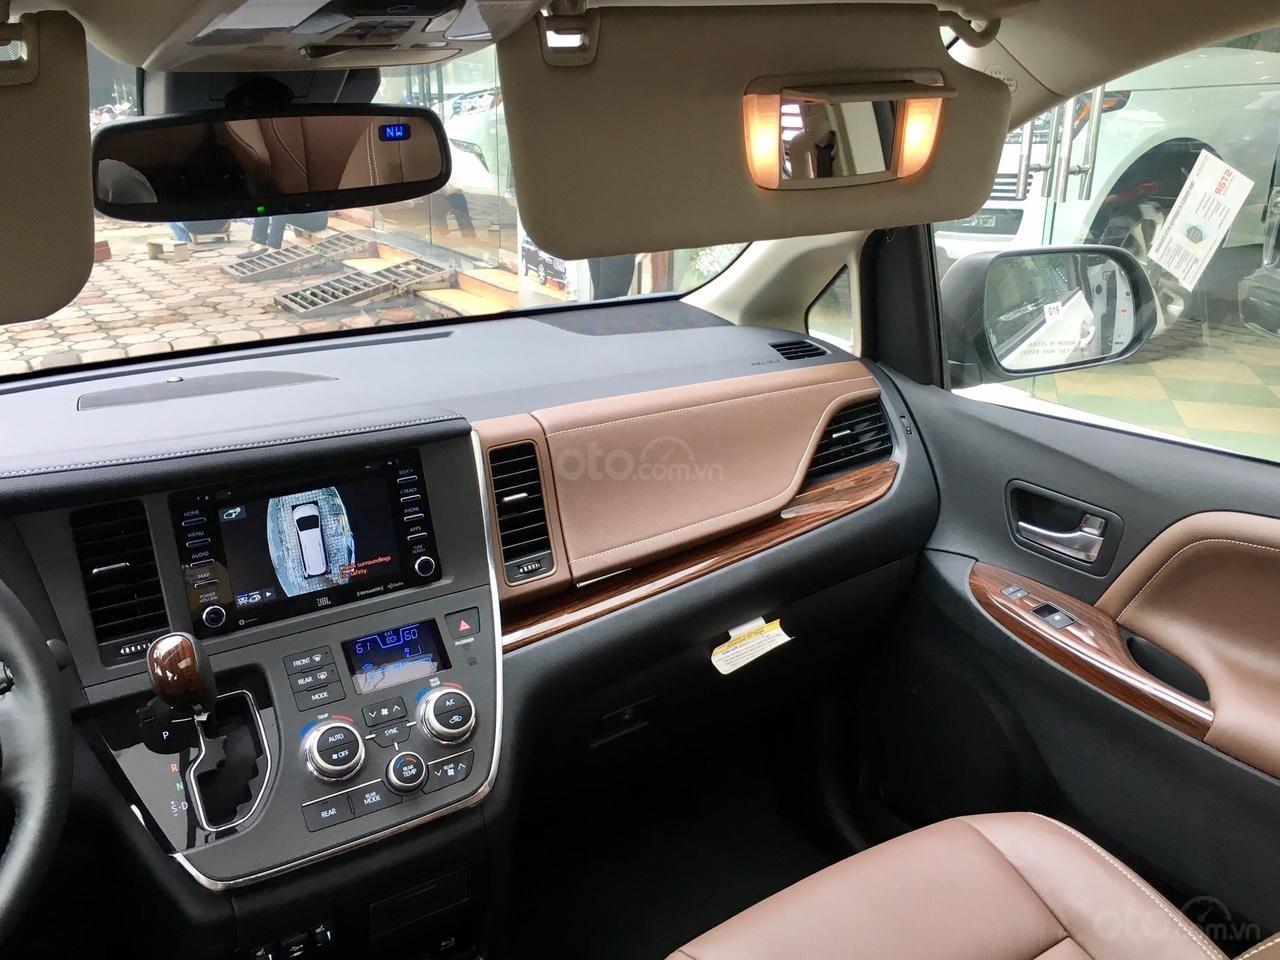 Bán Toyota Sienna Limited 1 cầu model 2020 giao ngay toàn quốc, giá tốt - LH 093.996.2368 Ms Ngọc Vy (19)